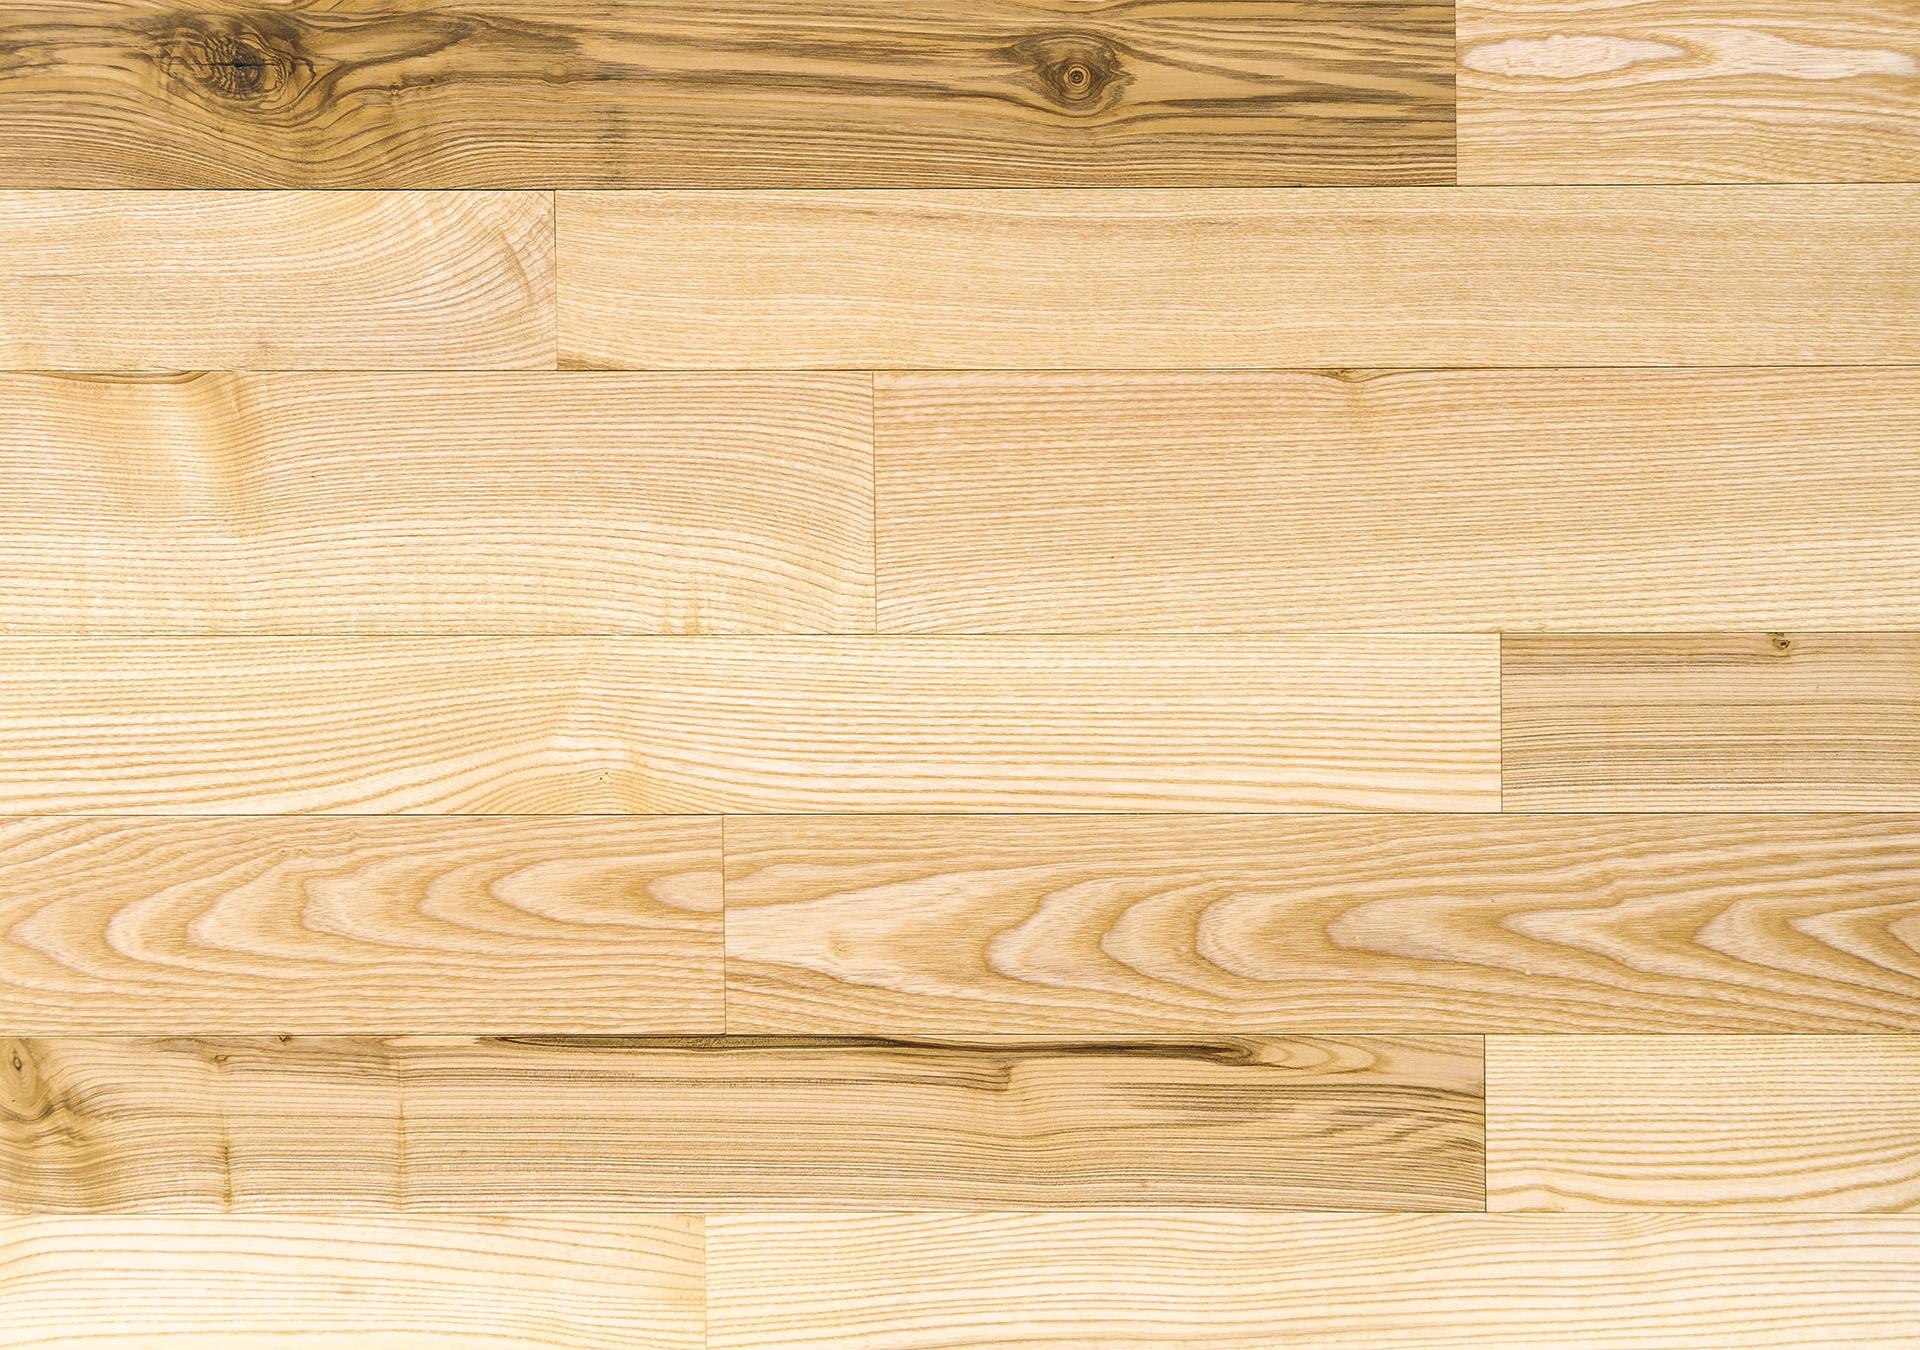 esche holz with schaerholzbau ag massivholzba den also in der nordgermanischen mythologie ist die hoch